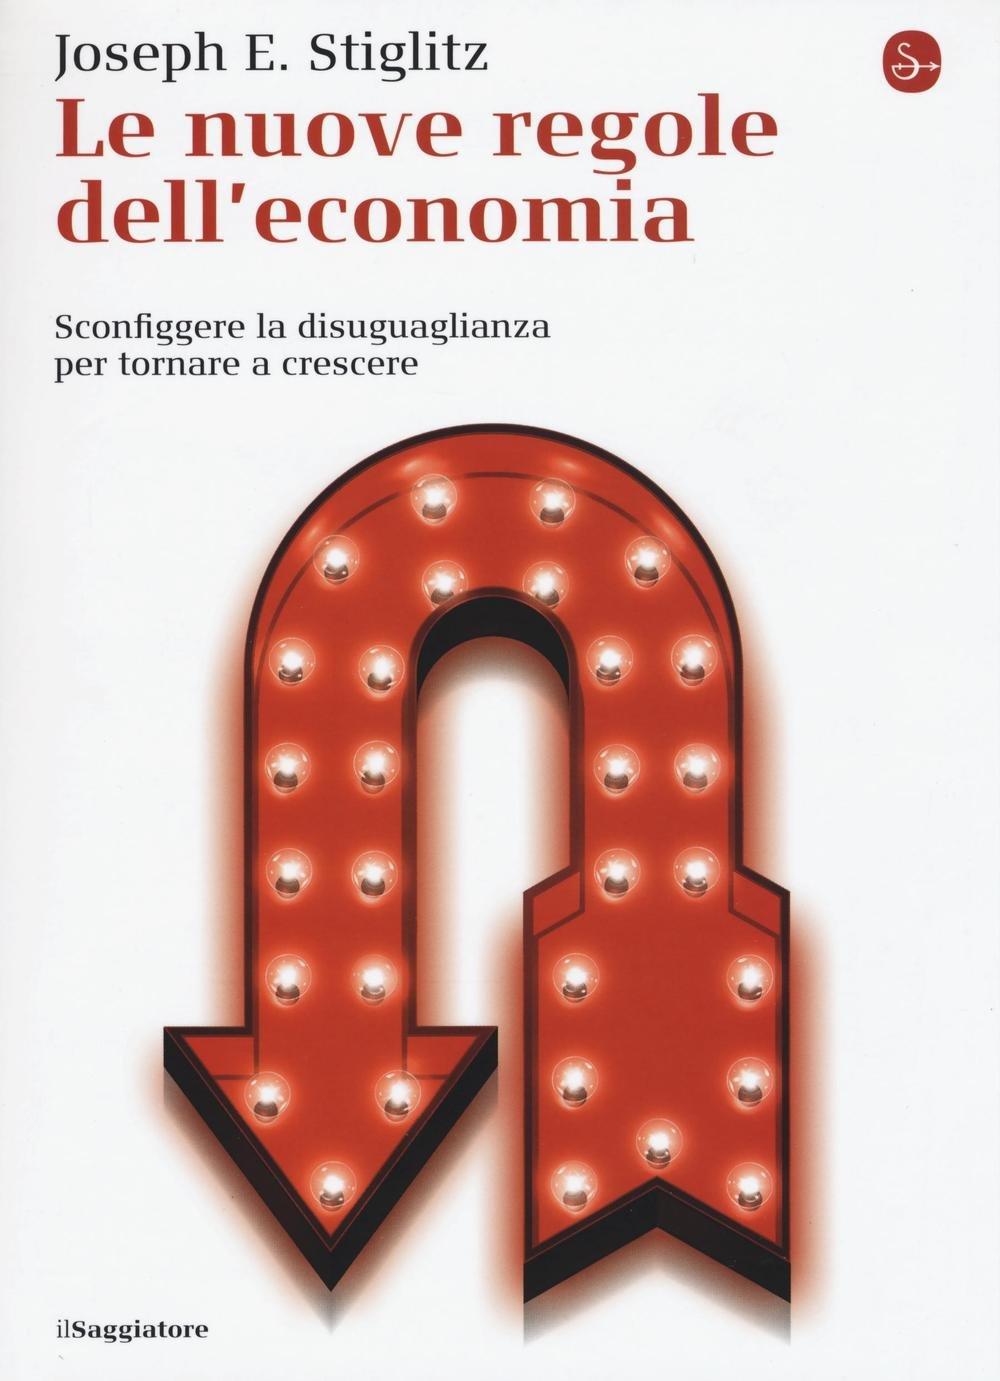 Le nuove regole dell'economia. Sconfiggere la disuguaglianza per tornare a crescere Copertina flessibile – 1 set 2016 Joseph E. Stiglitz A. Oliveri S. Spila Il Saggiatore